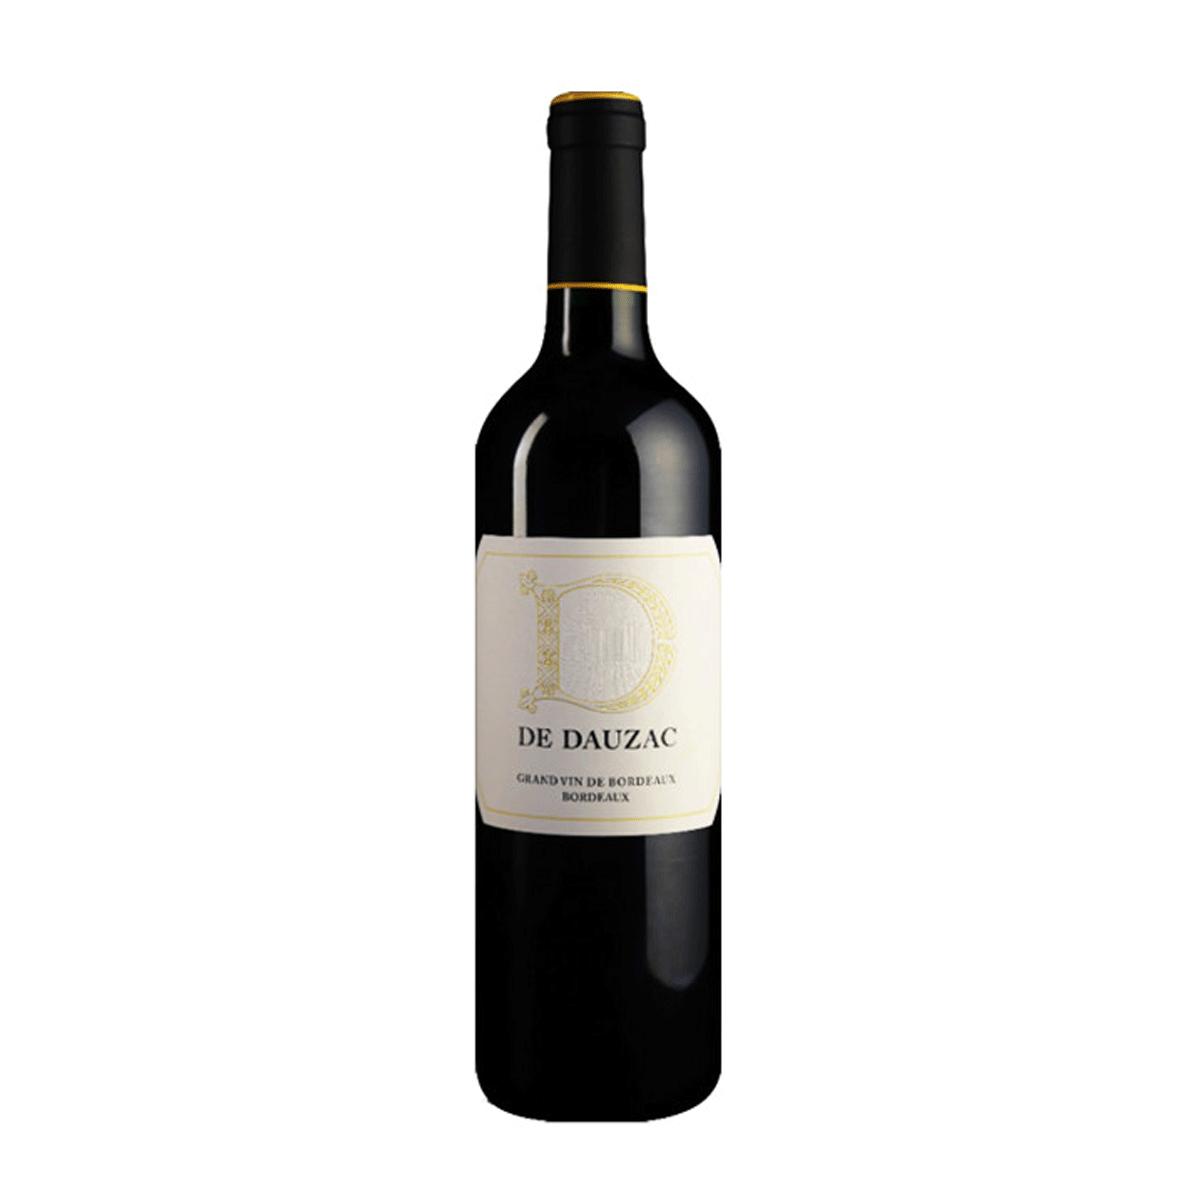 Chateau Dauzac Francúzske víno D de Dauzac Bordeaux